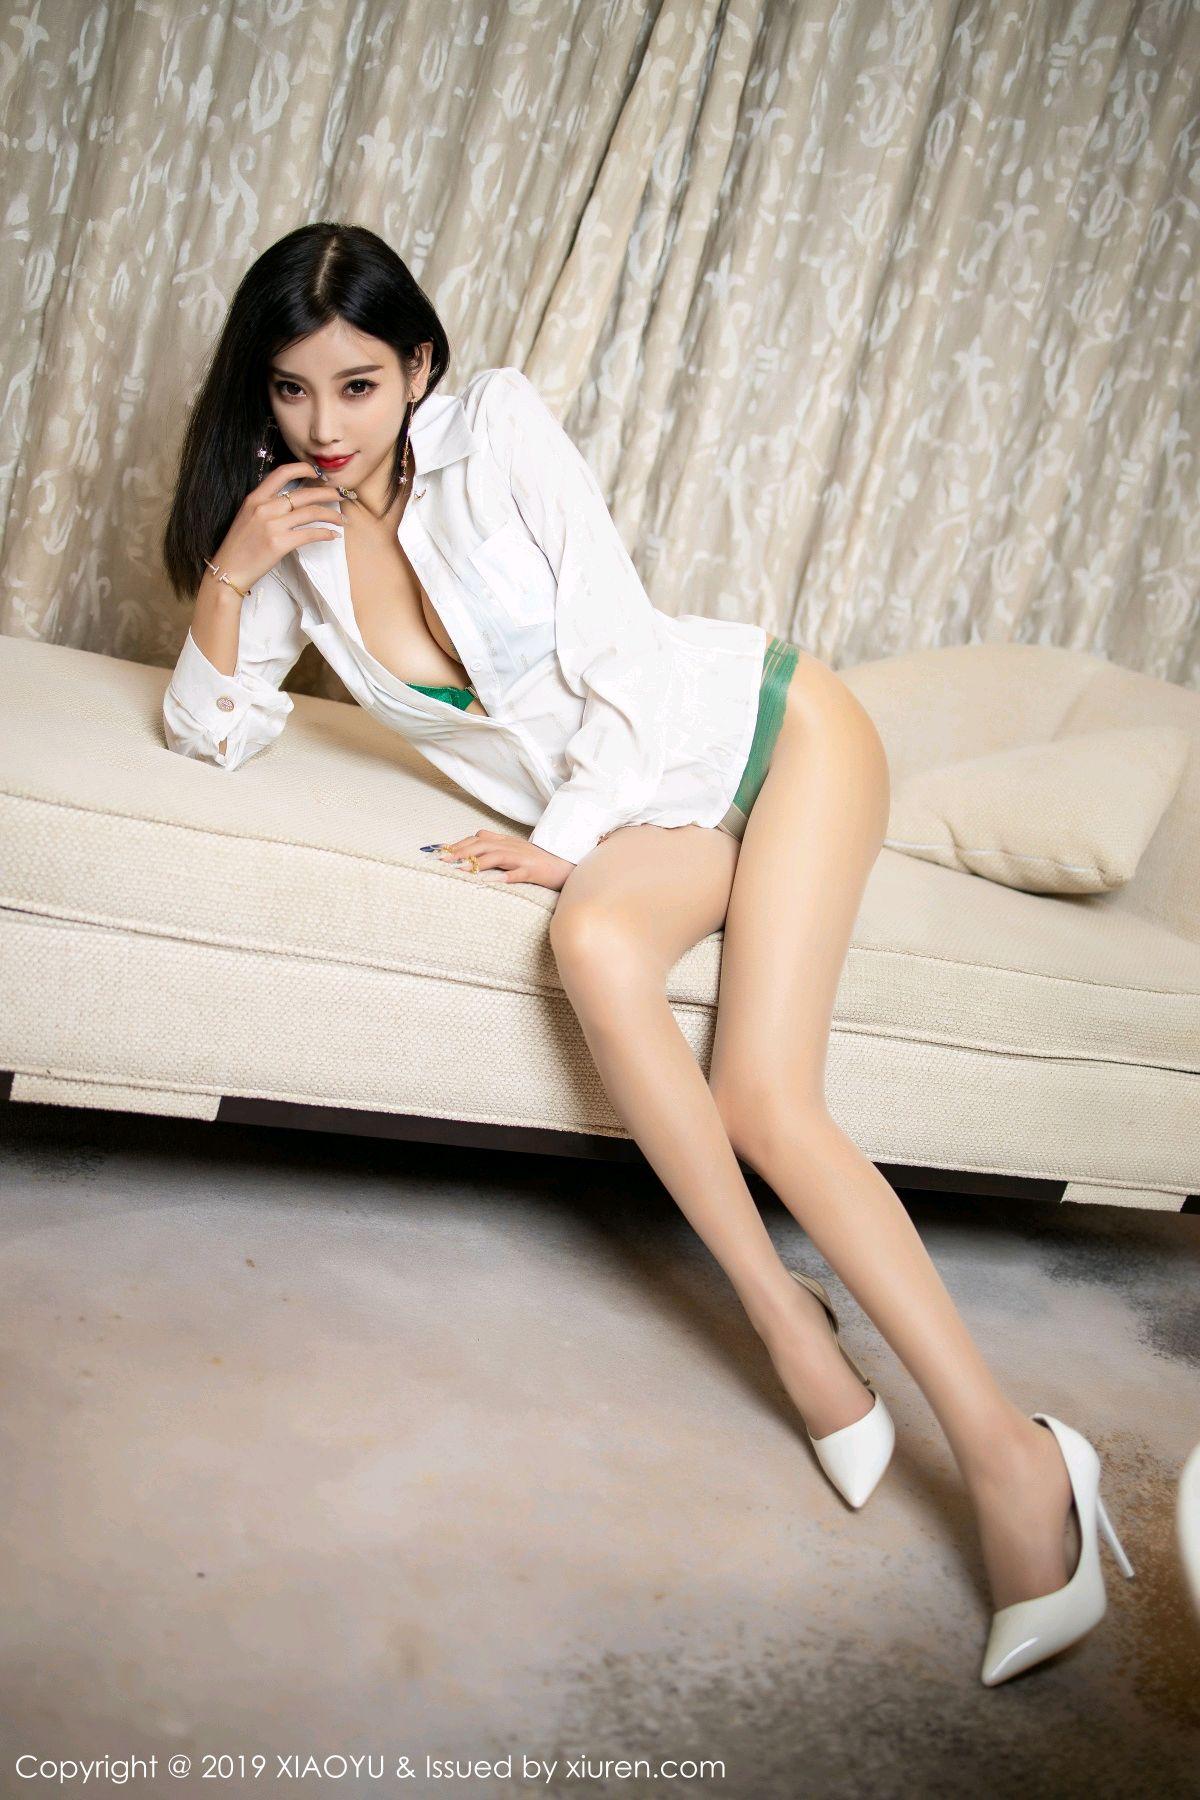 [XiaoYu] Vol.224 Yang Chen Chen 34P, Tall, Underwear, XiaoYu, Yang Chen Chen